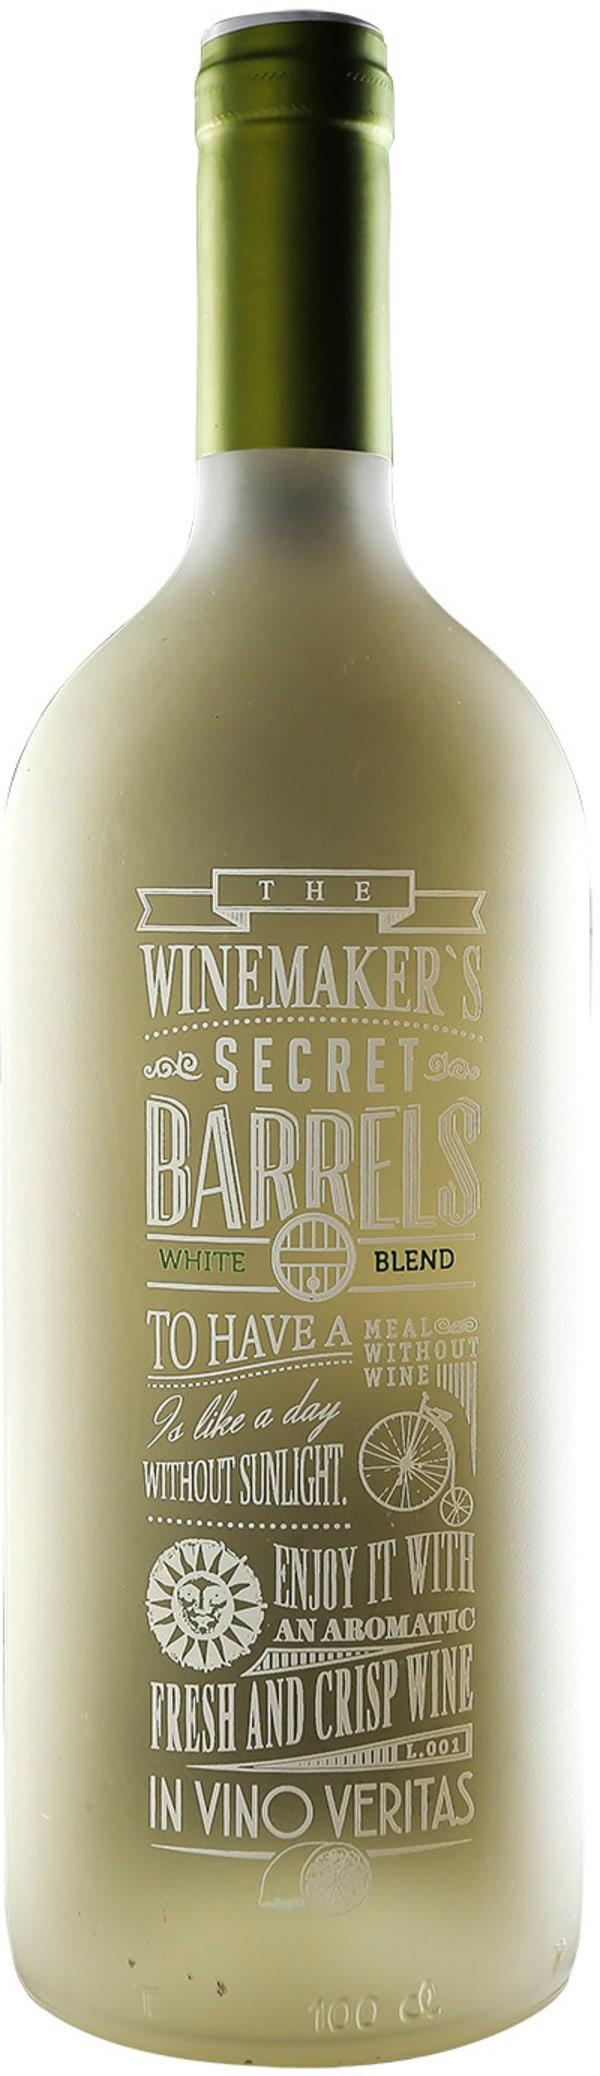 The Winemaker's Secret Barrels White